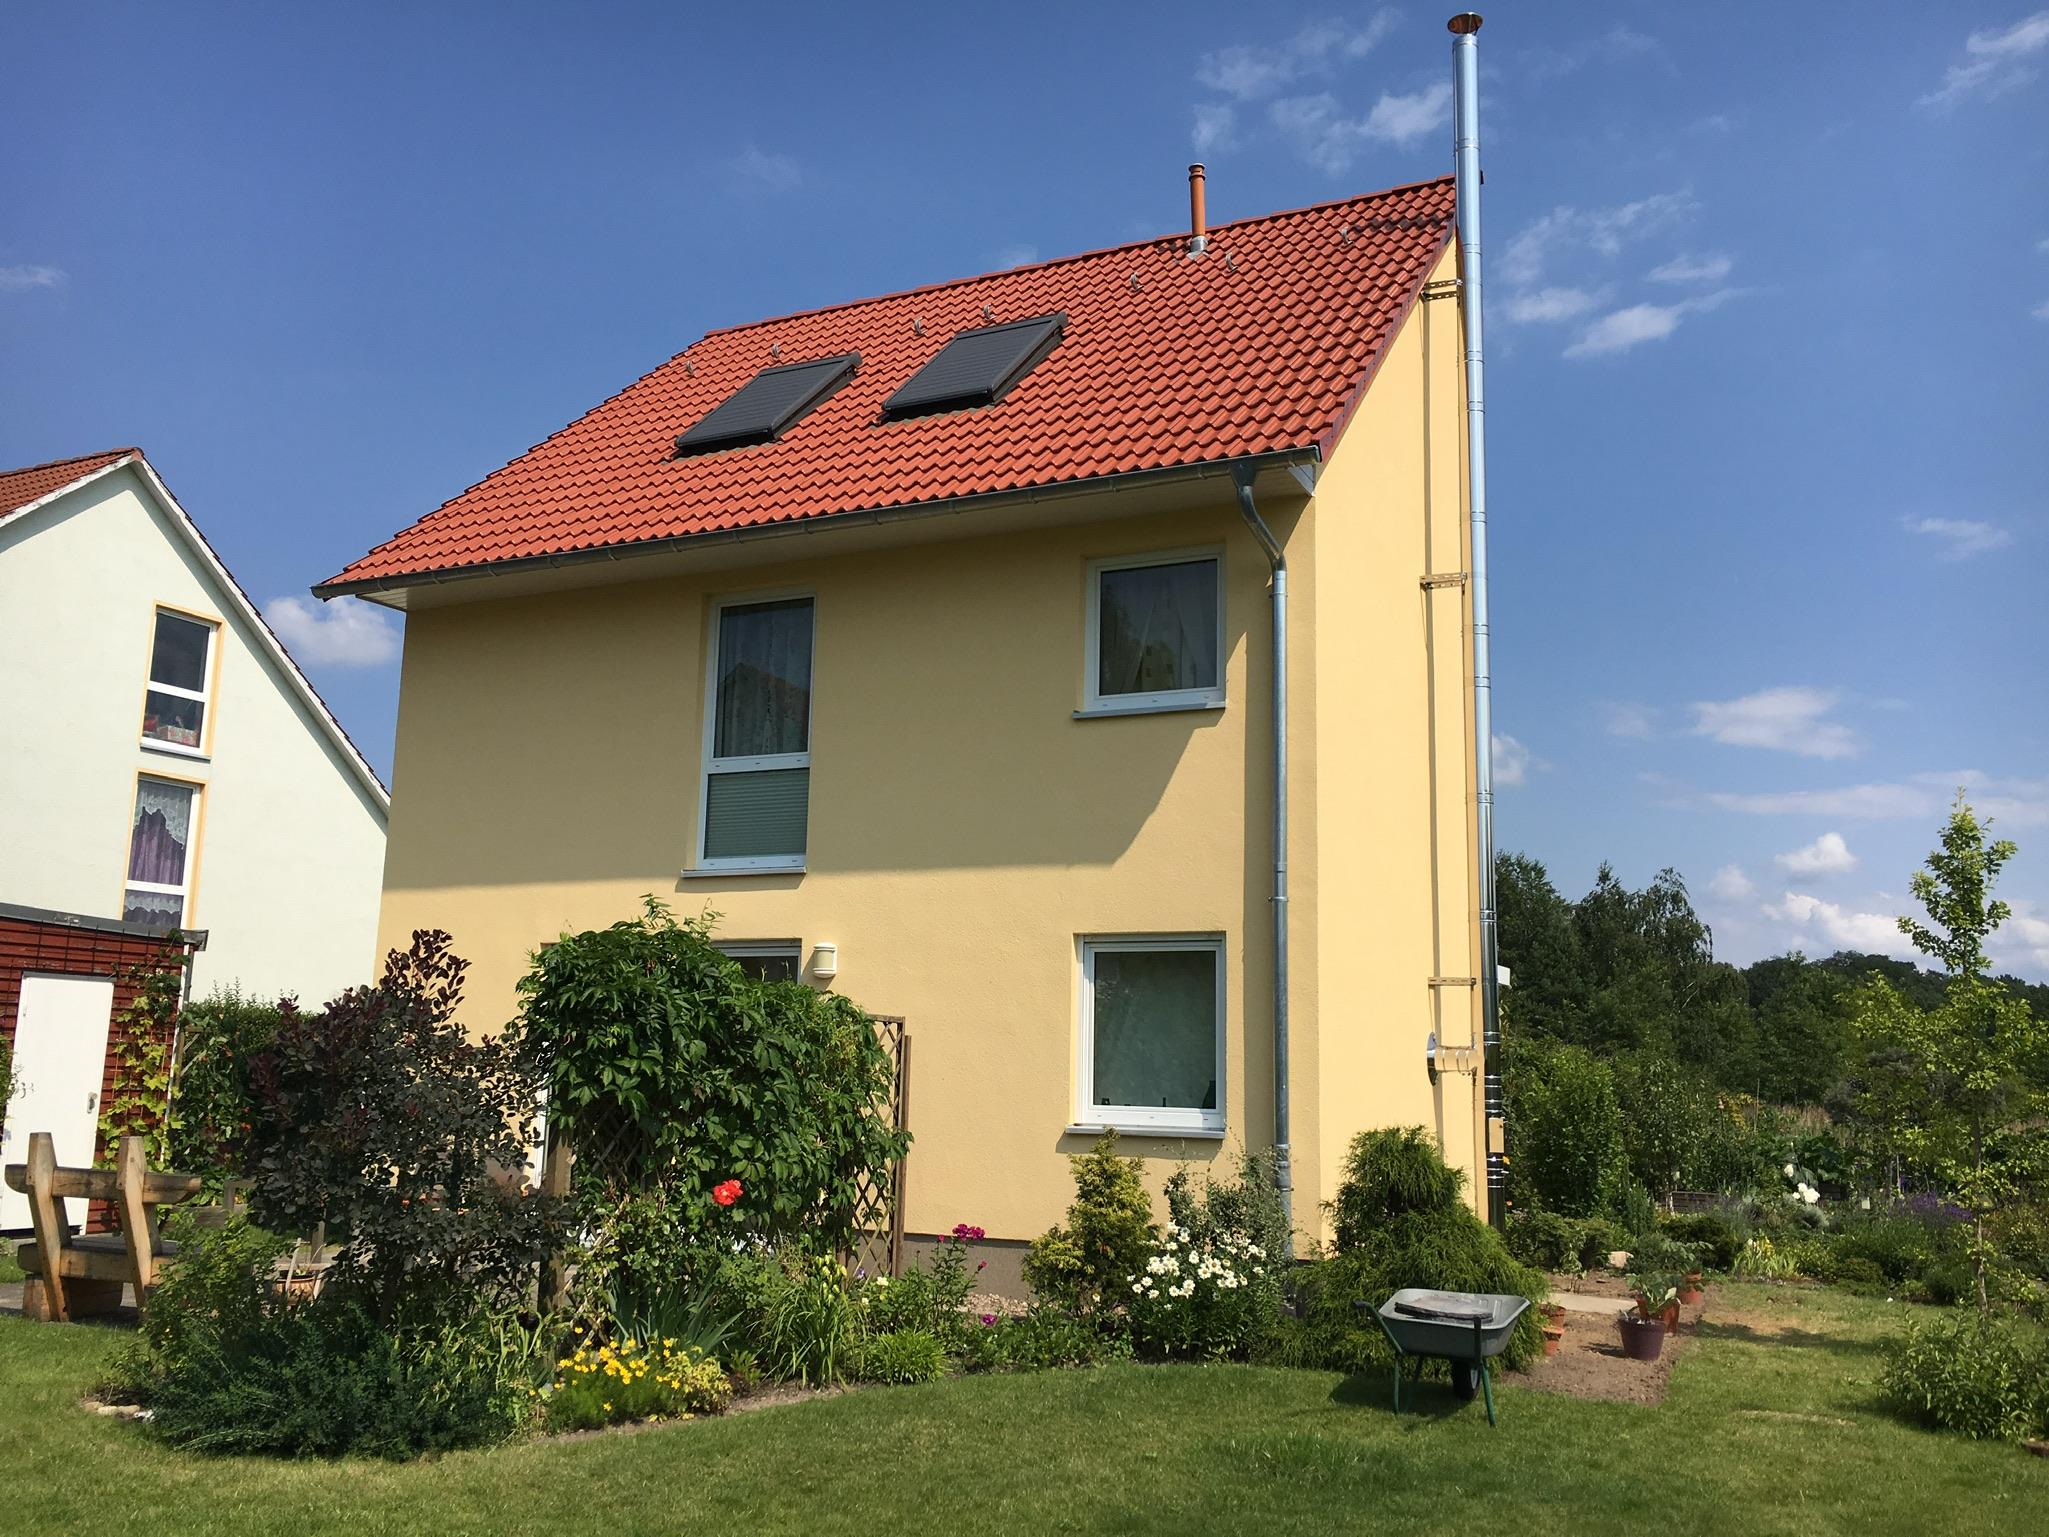 Brandt & Schulz Dachbeschichtungen